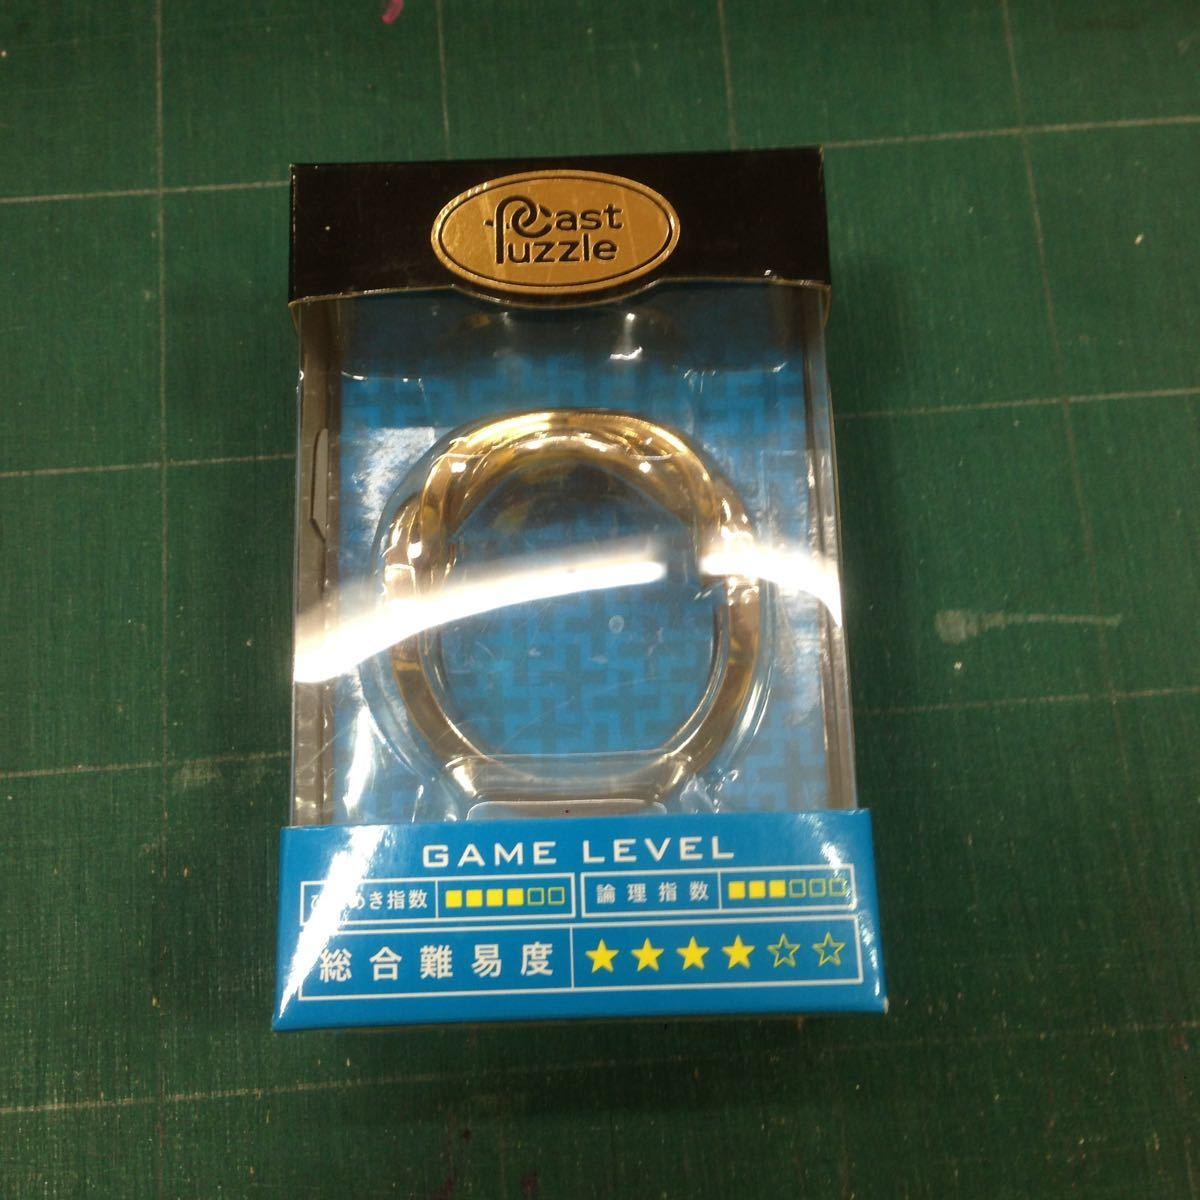 未開封新品 デッドストック 倉庫保管品 ハナヤマ HANAYAMA キャストパズル CAST PUZZLE 知恵の輪 脳トレ 総合難易度4 リング RING_画像1